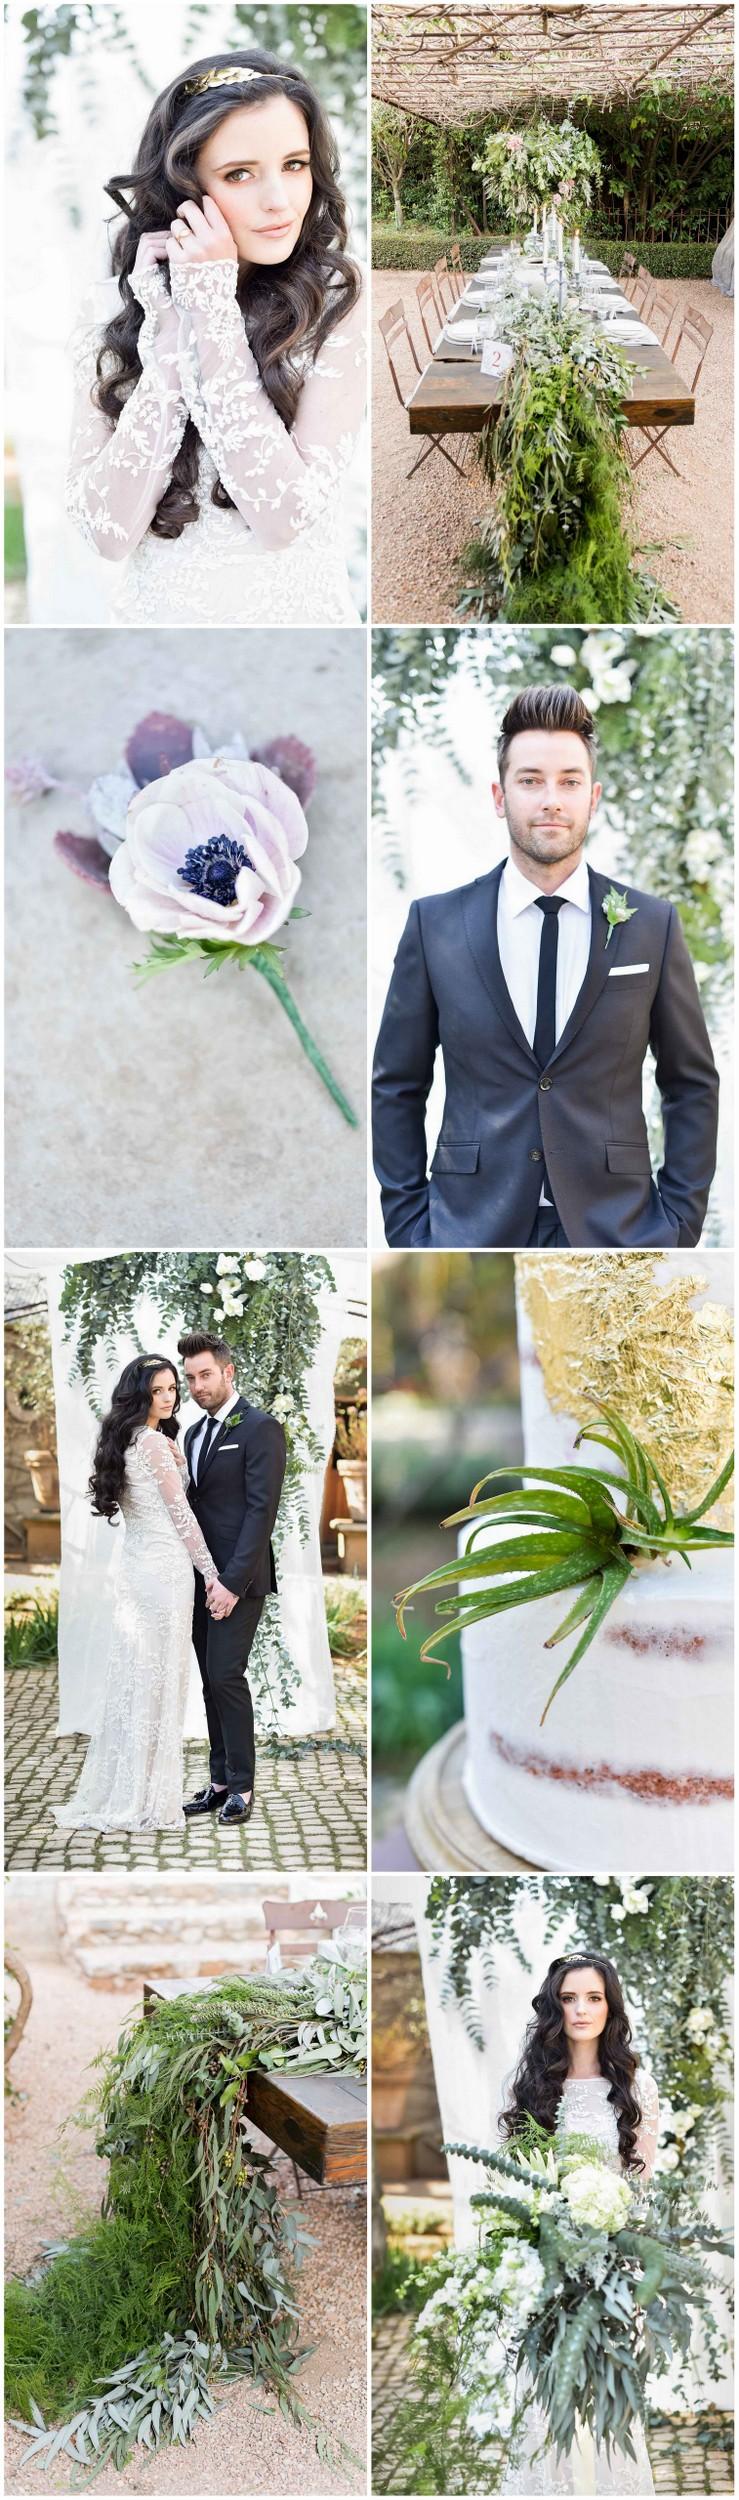 Organic Whimsy Wedding Ideas